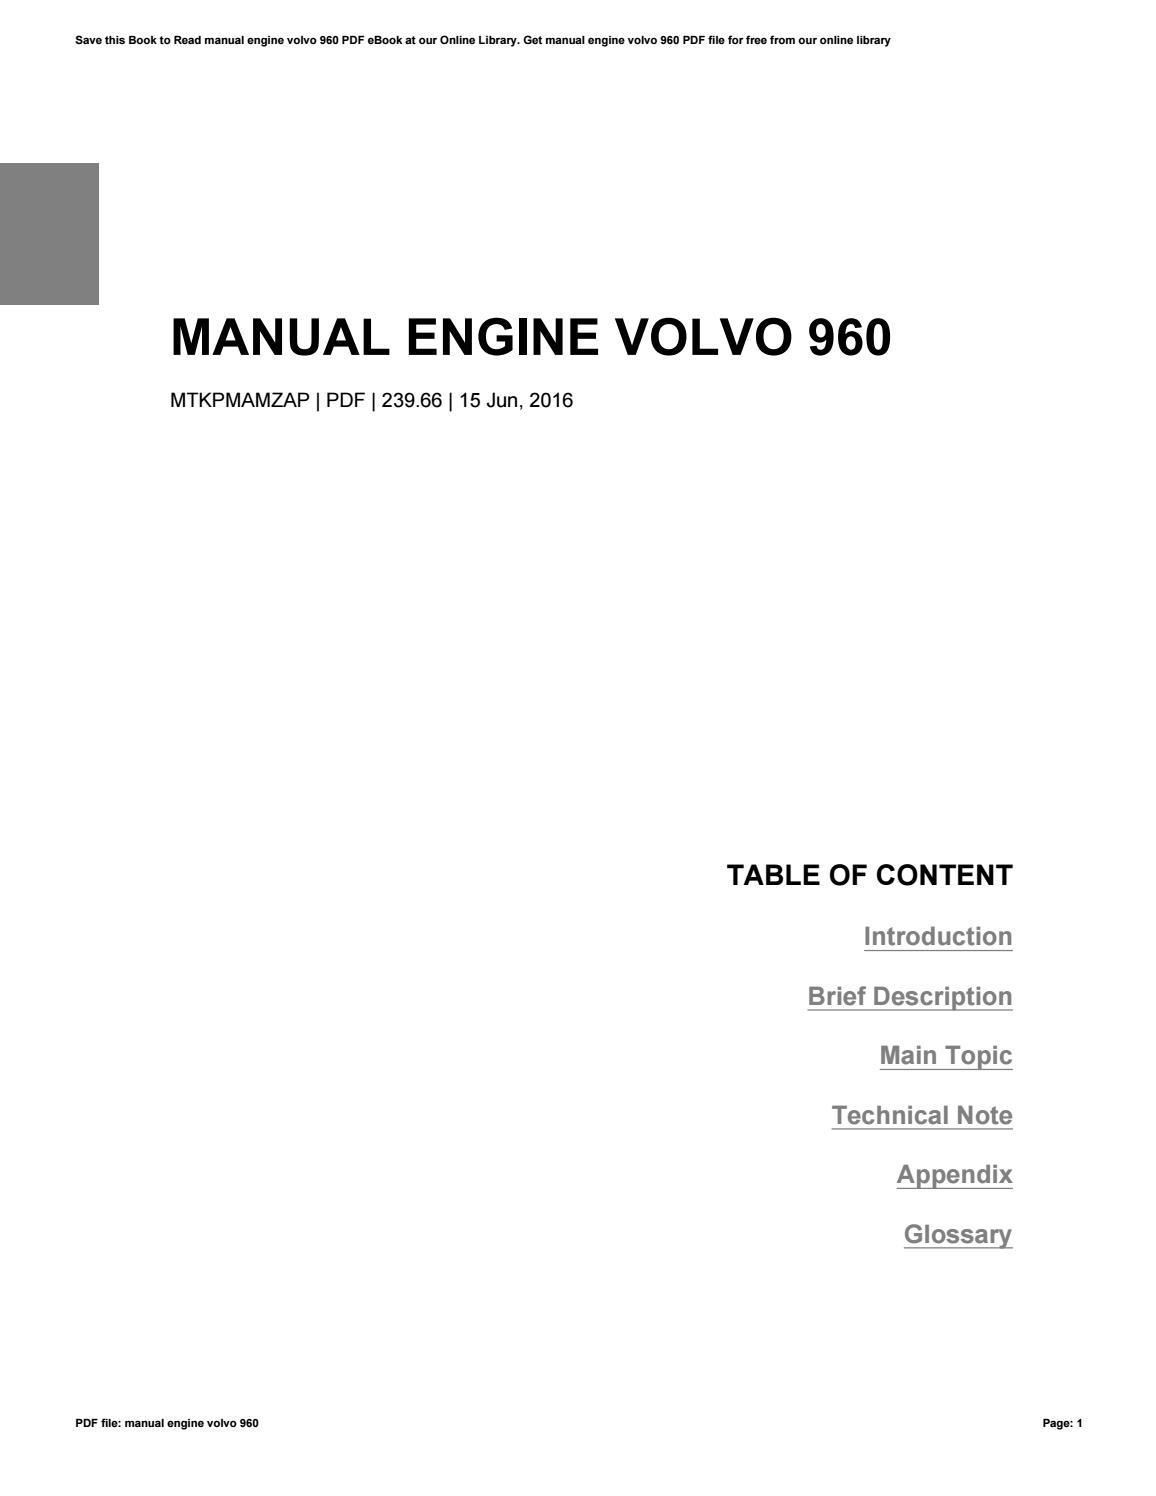 manual engine volvo 960 by emona87yasmin issuu rh issuu com Fiat Uno Manual Audi R8 Manual